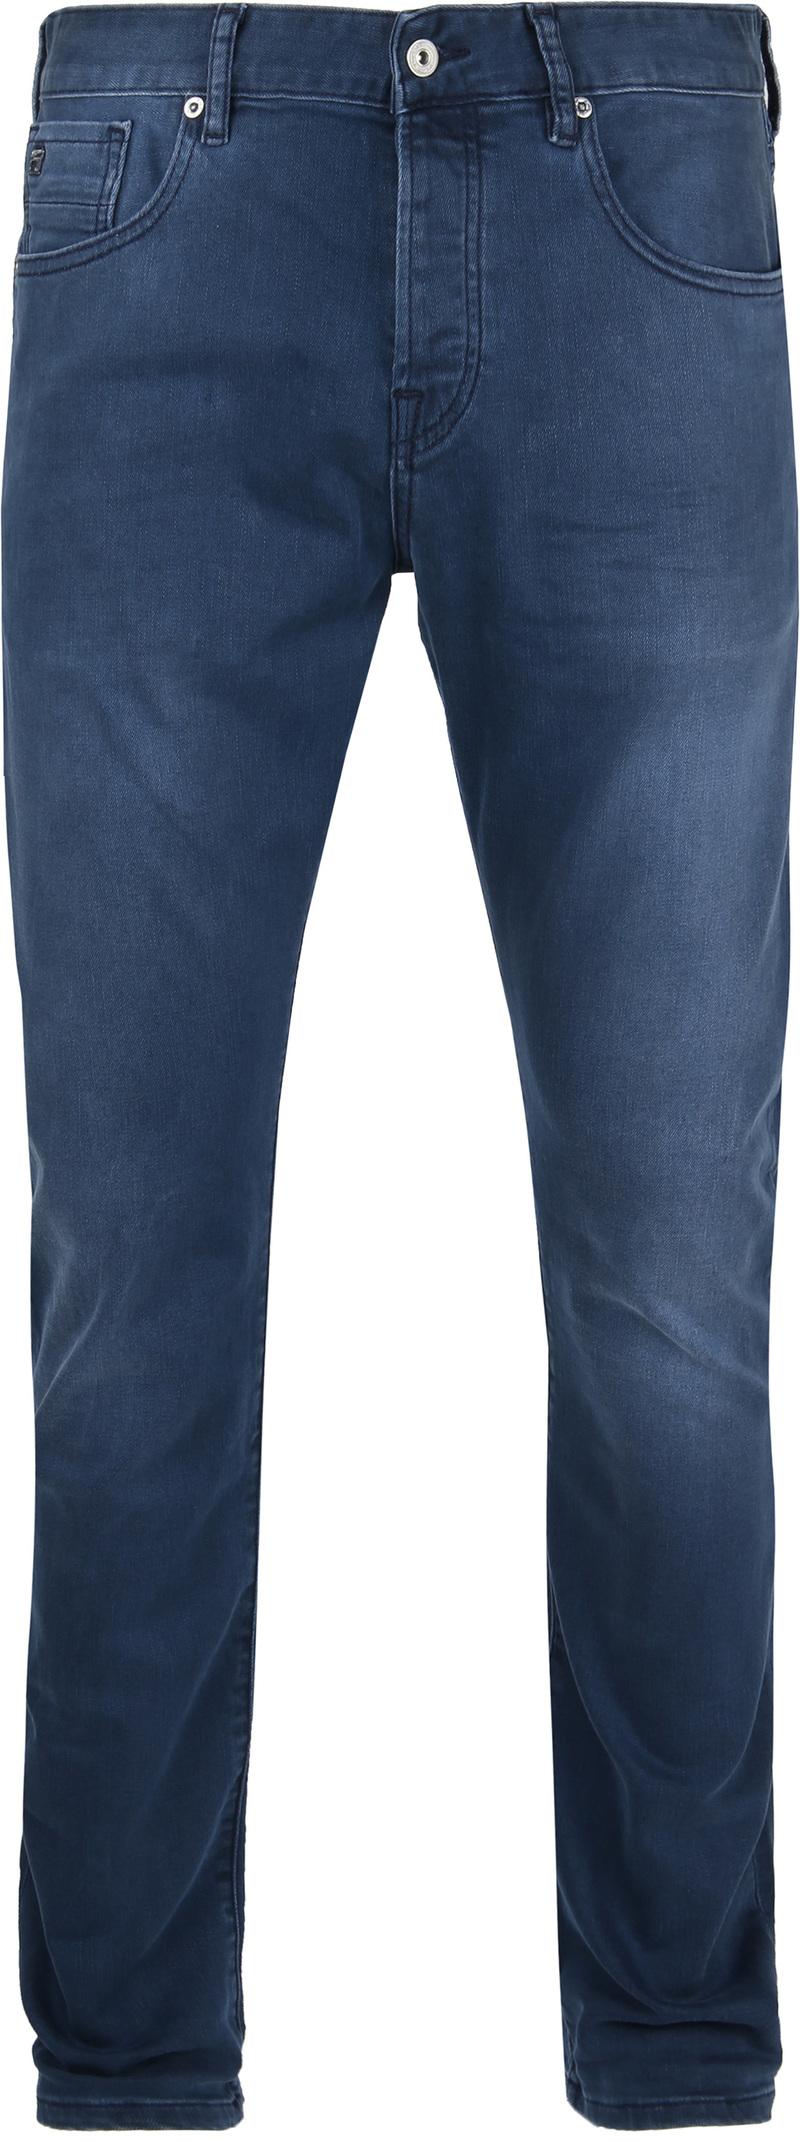 Scotch and Soda Ralston Jeans Concrete Blauw foto 0